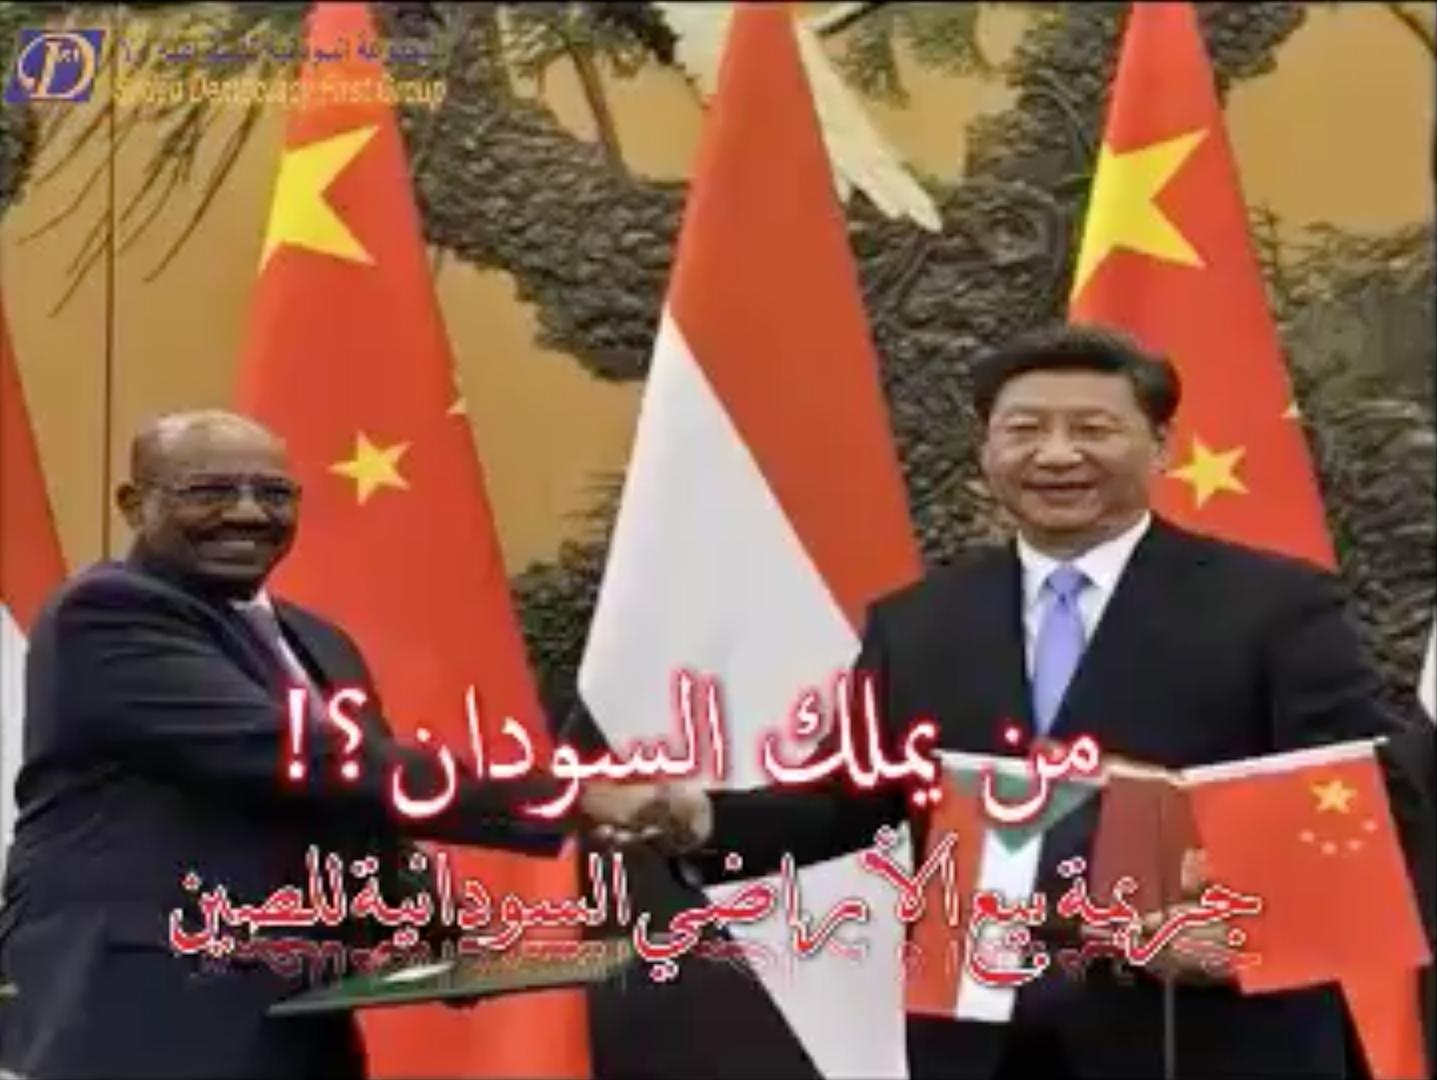 النظام يبيع أخصب أراضي السودان للصين